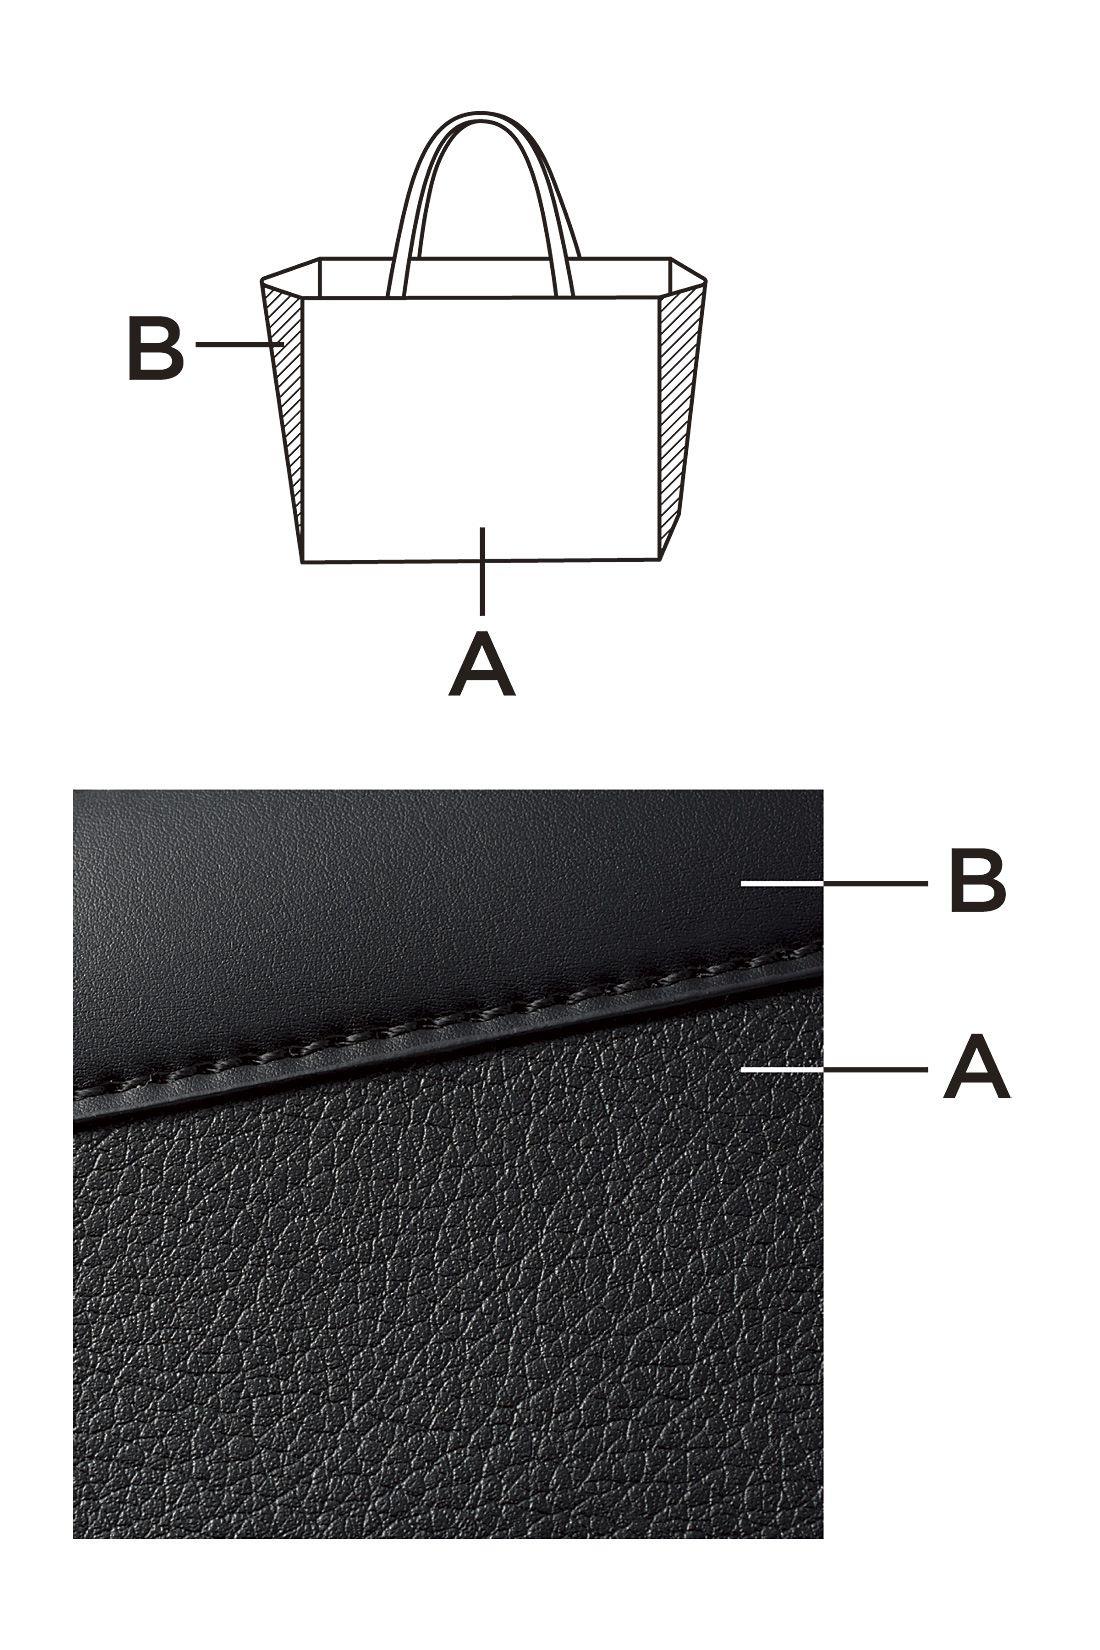 しぼ感のある革風(A)となめし革風(B)の表情を併せもつ一枚の素材を表裏遣いで使用。